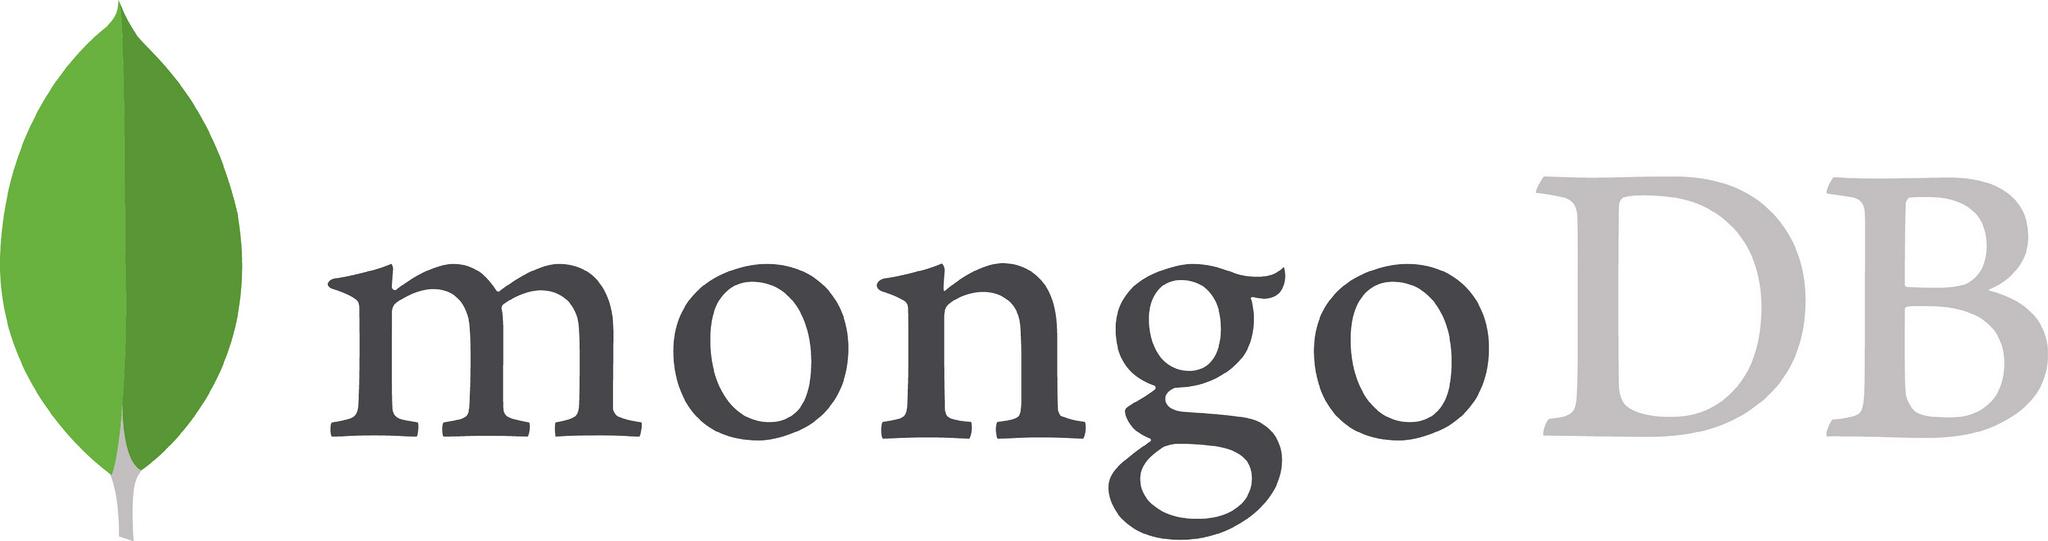 mongodb-logo-rgb-j6w271g1xn